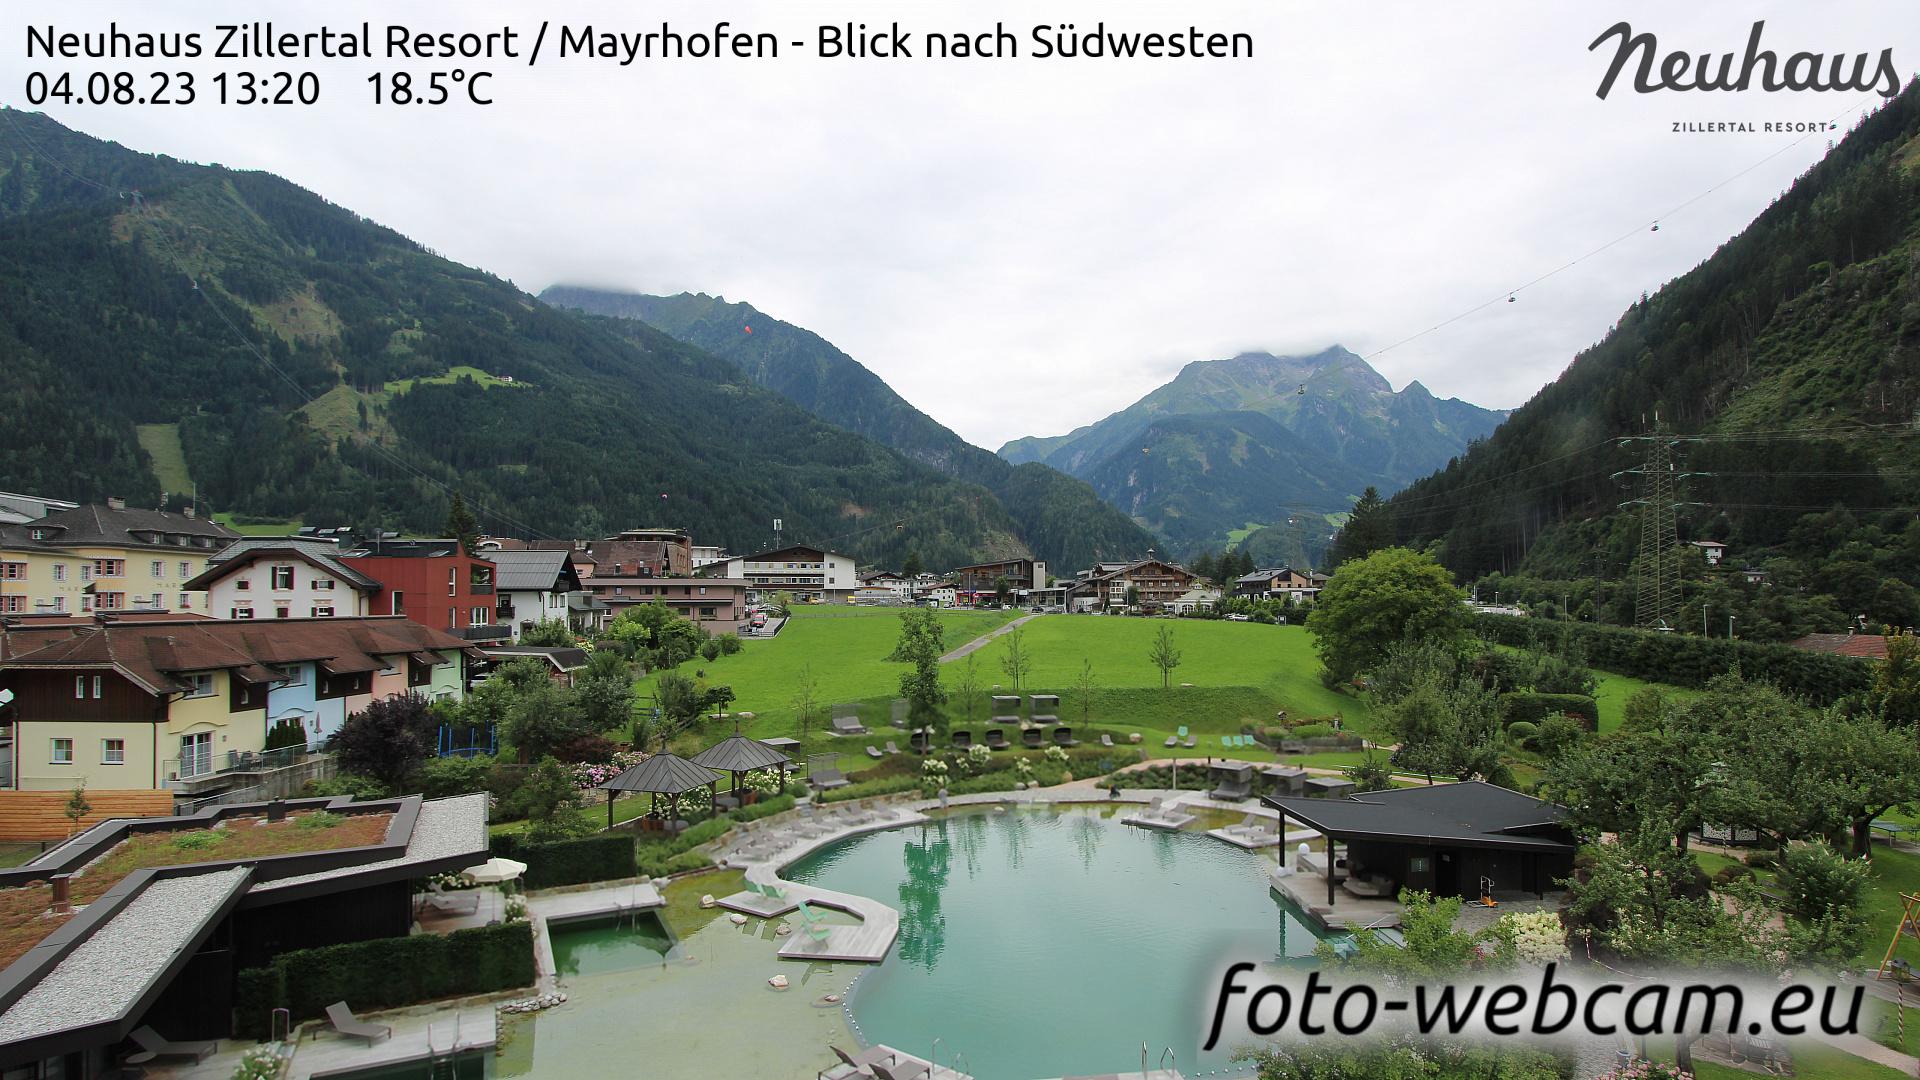 Mayrhofen Sun. 13:33